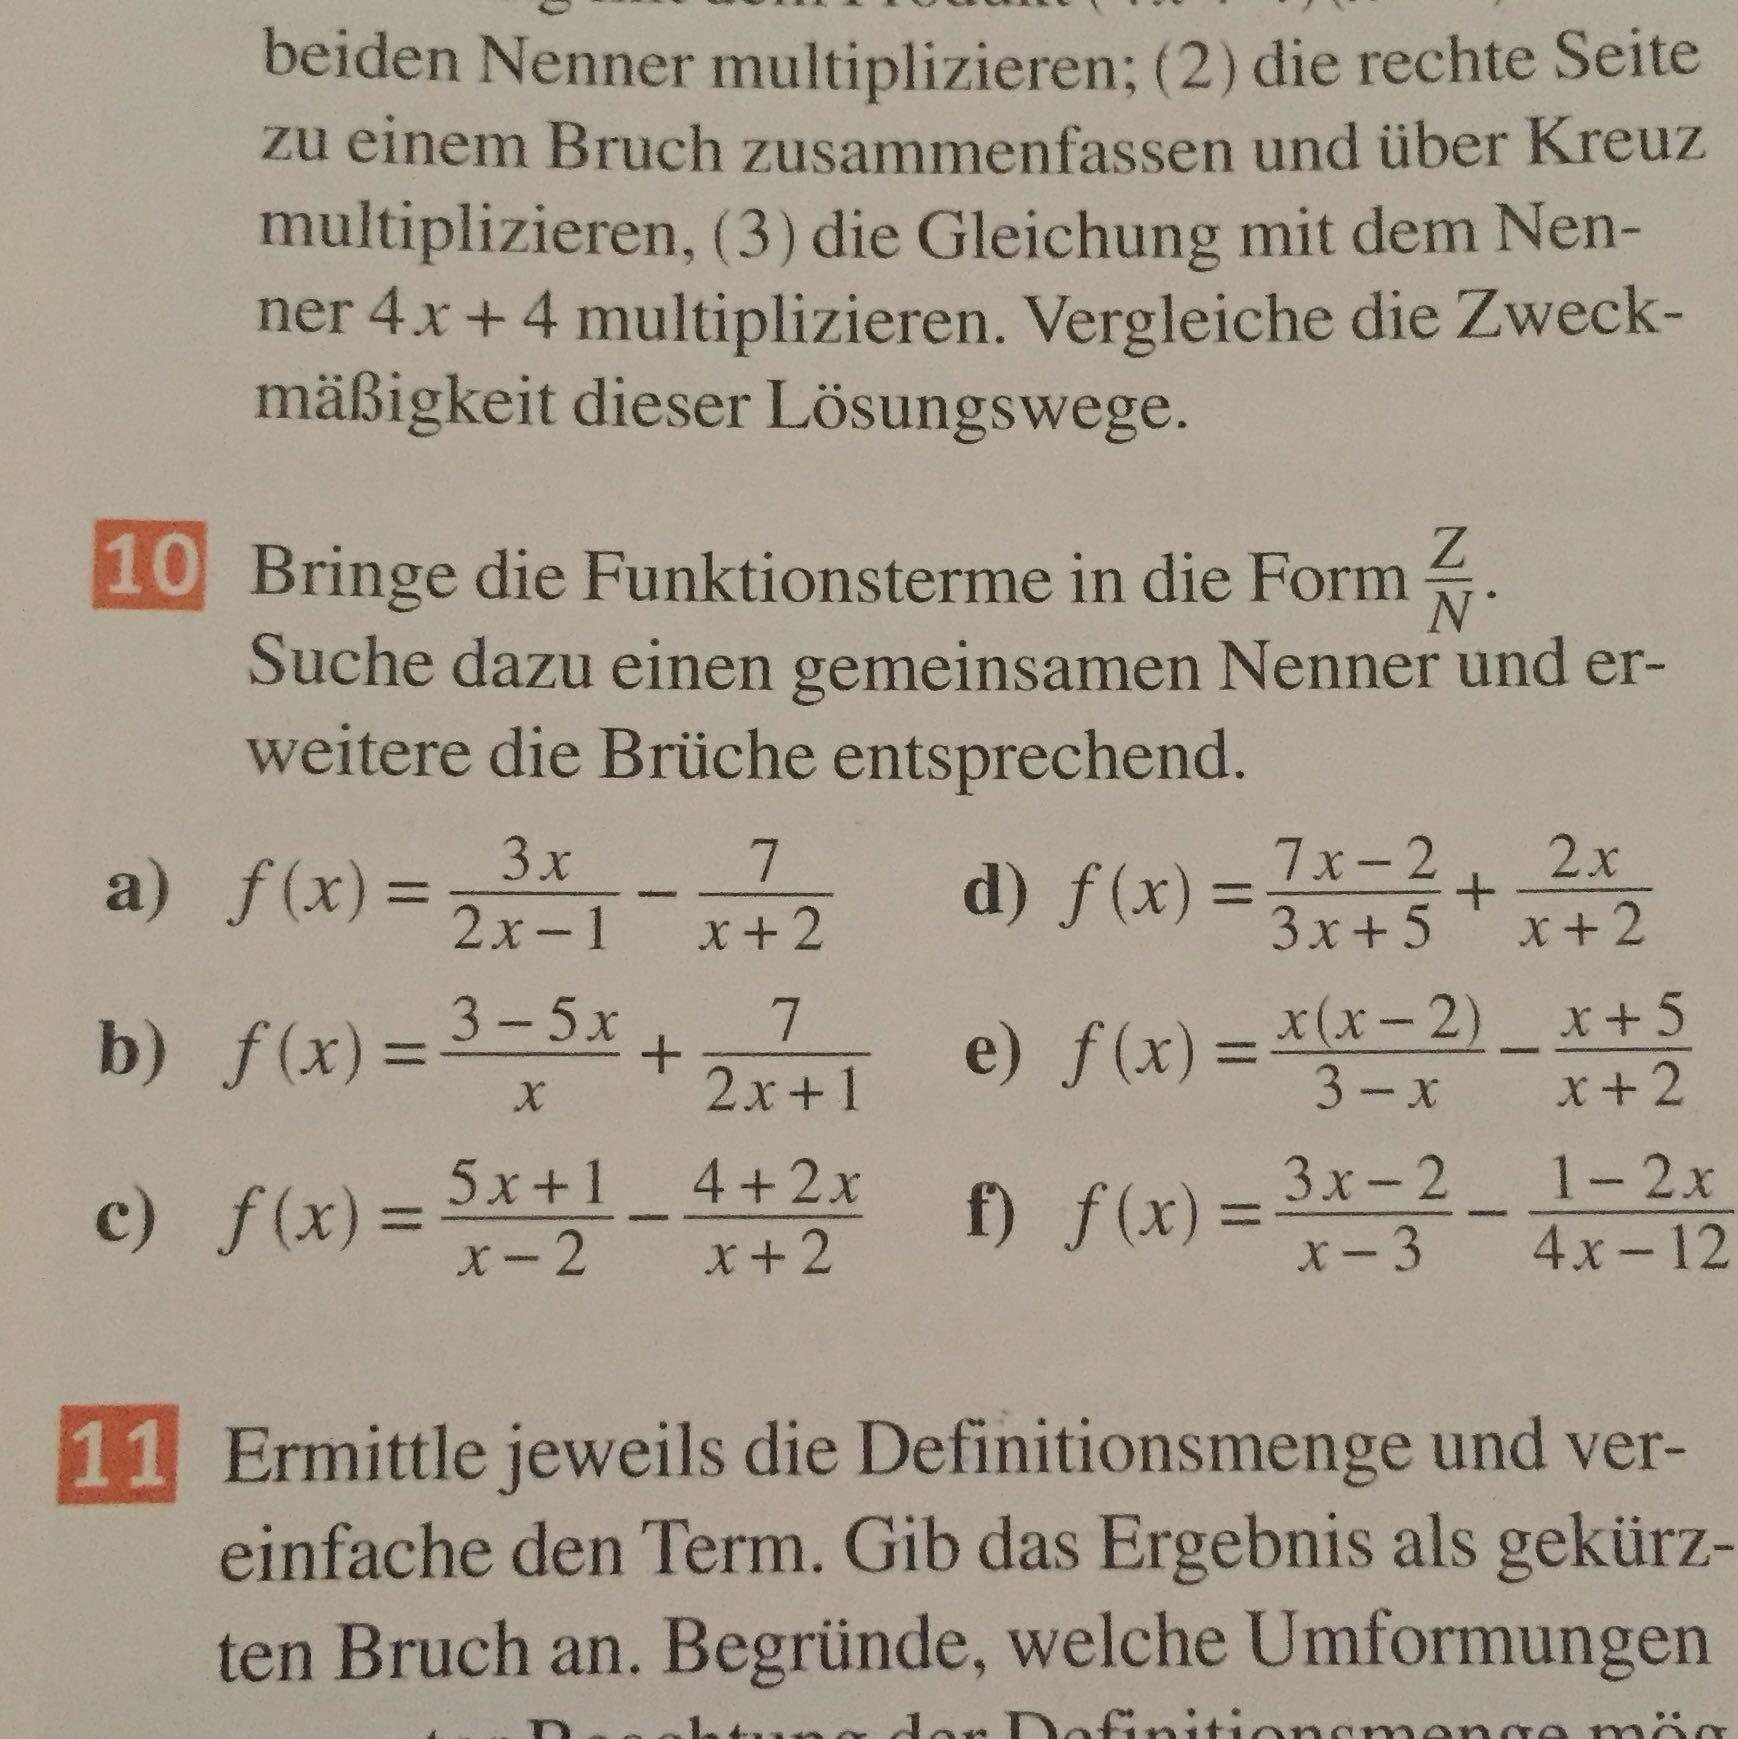 Kann jemand für mich die Mathe Hausaufgaben machen?